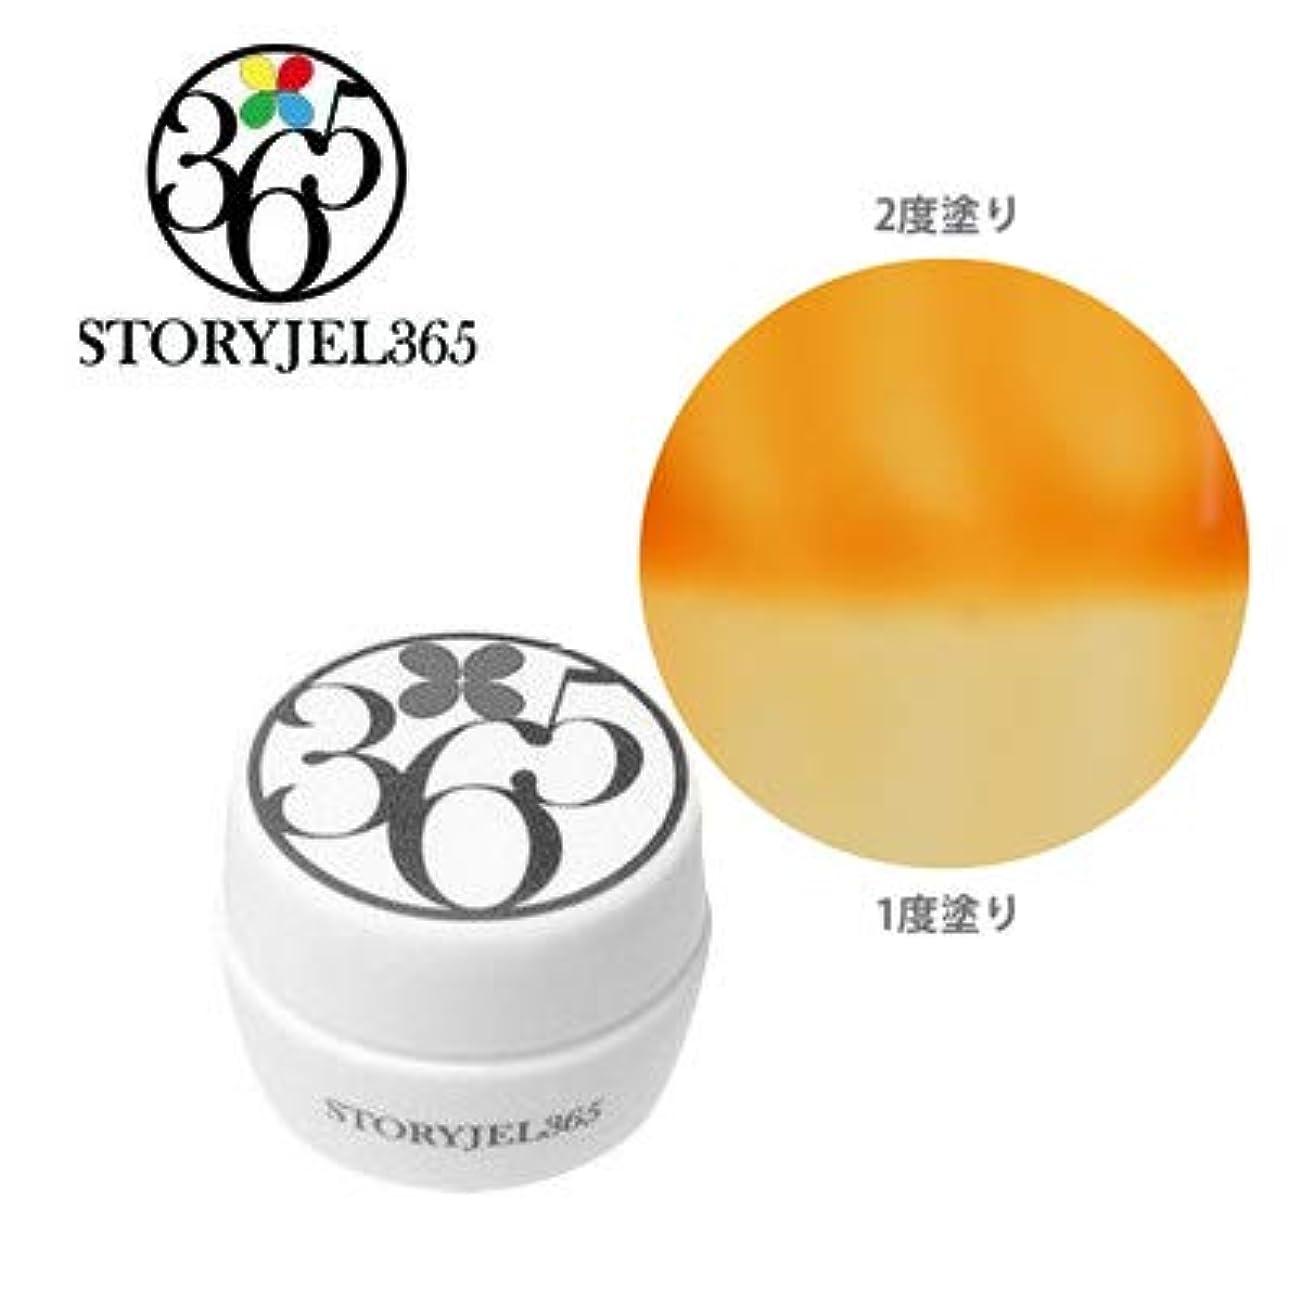 木防止砂STORY JEL365 カラージェル SJS-168S サンセット